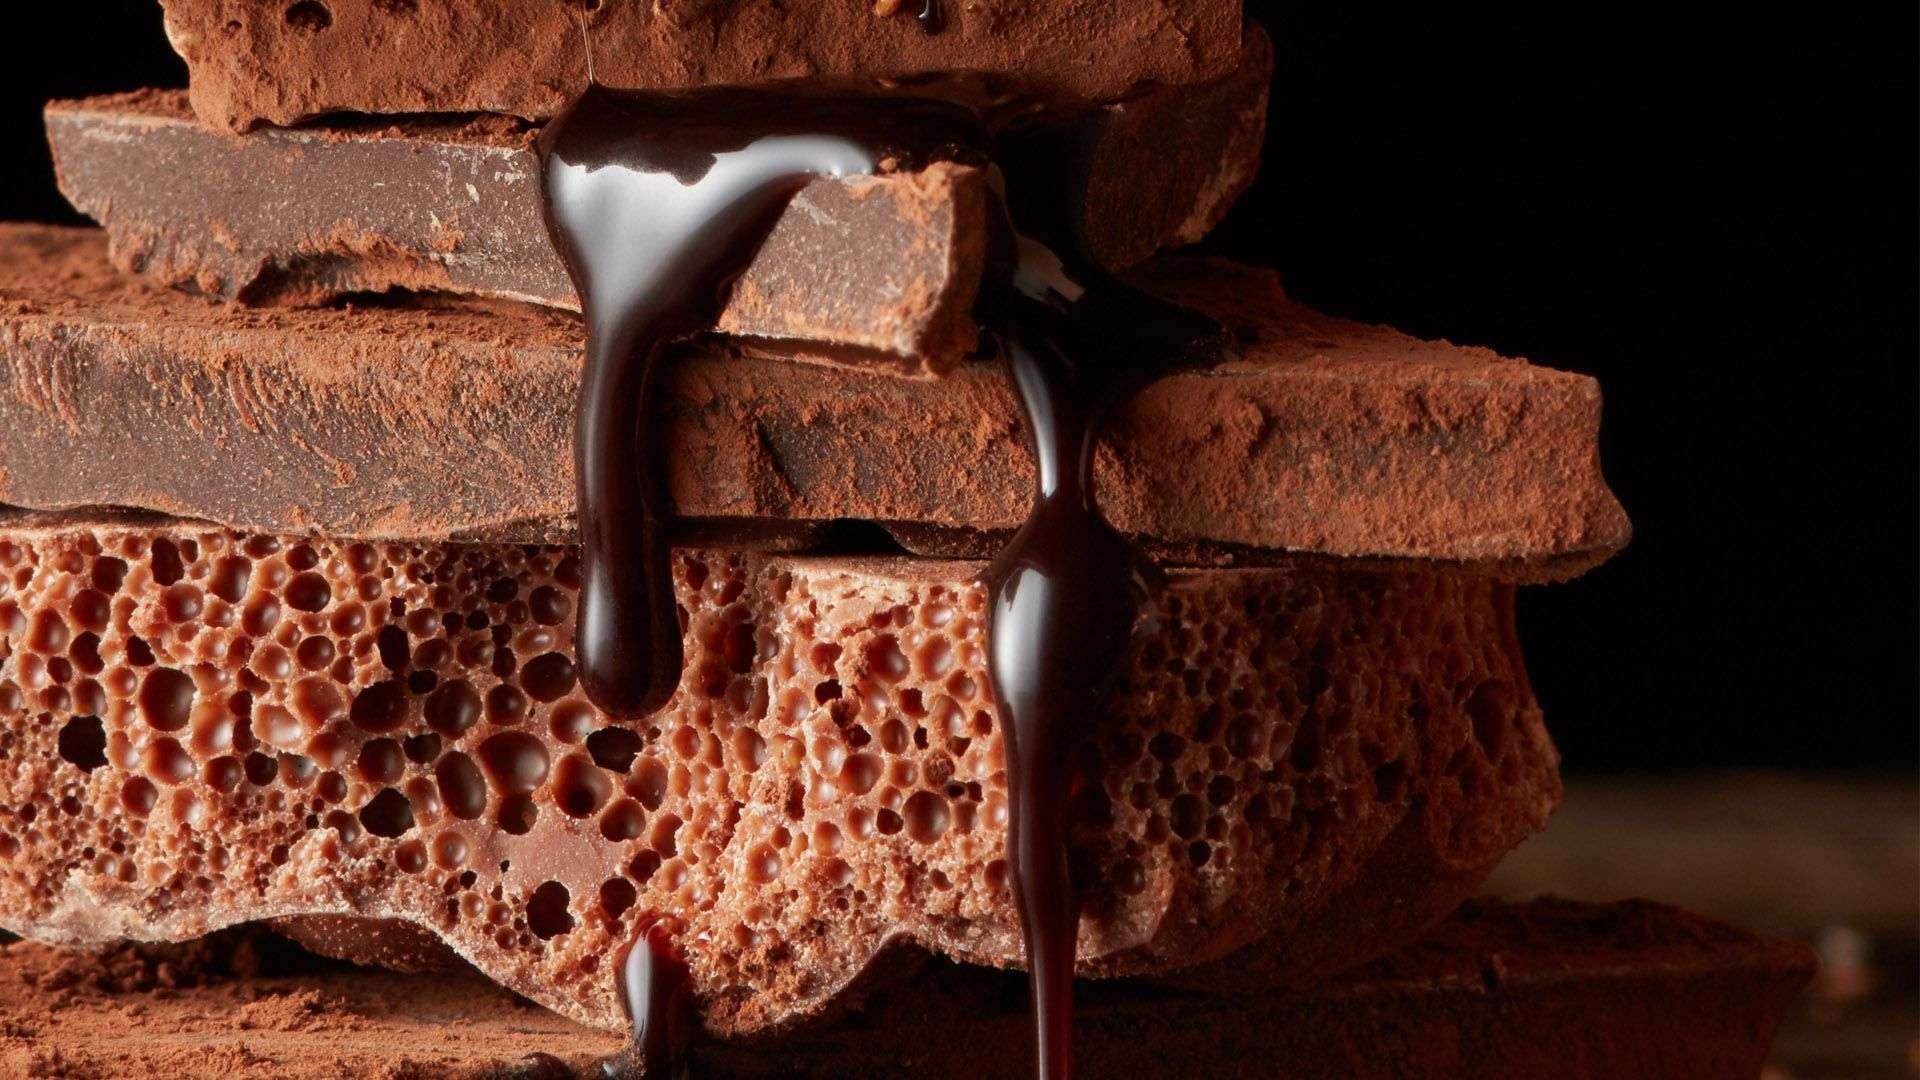 Rezepte für 5 vegane Rezept-Ideen für echte Naschkatzen aus Schokolade von Lidl Österreich